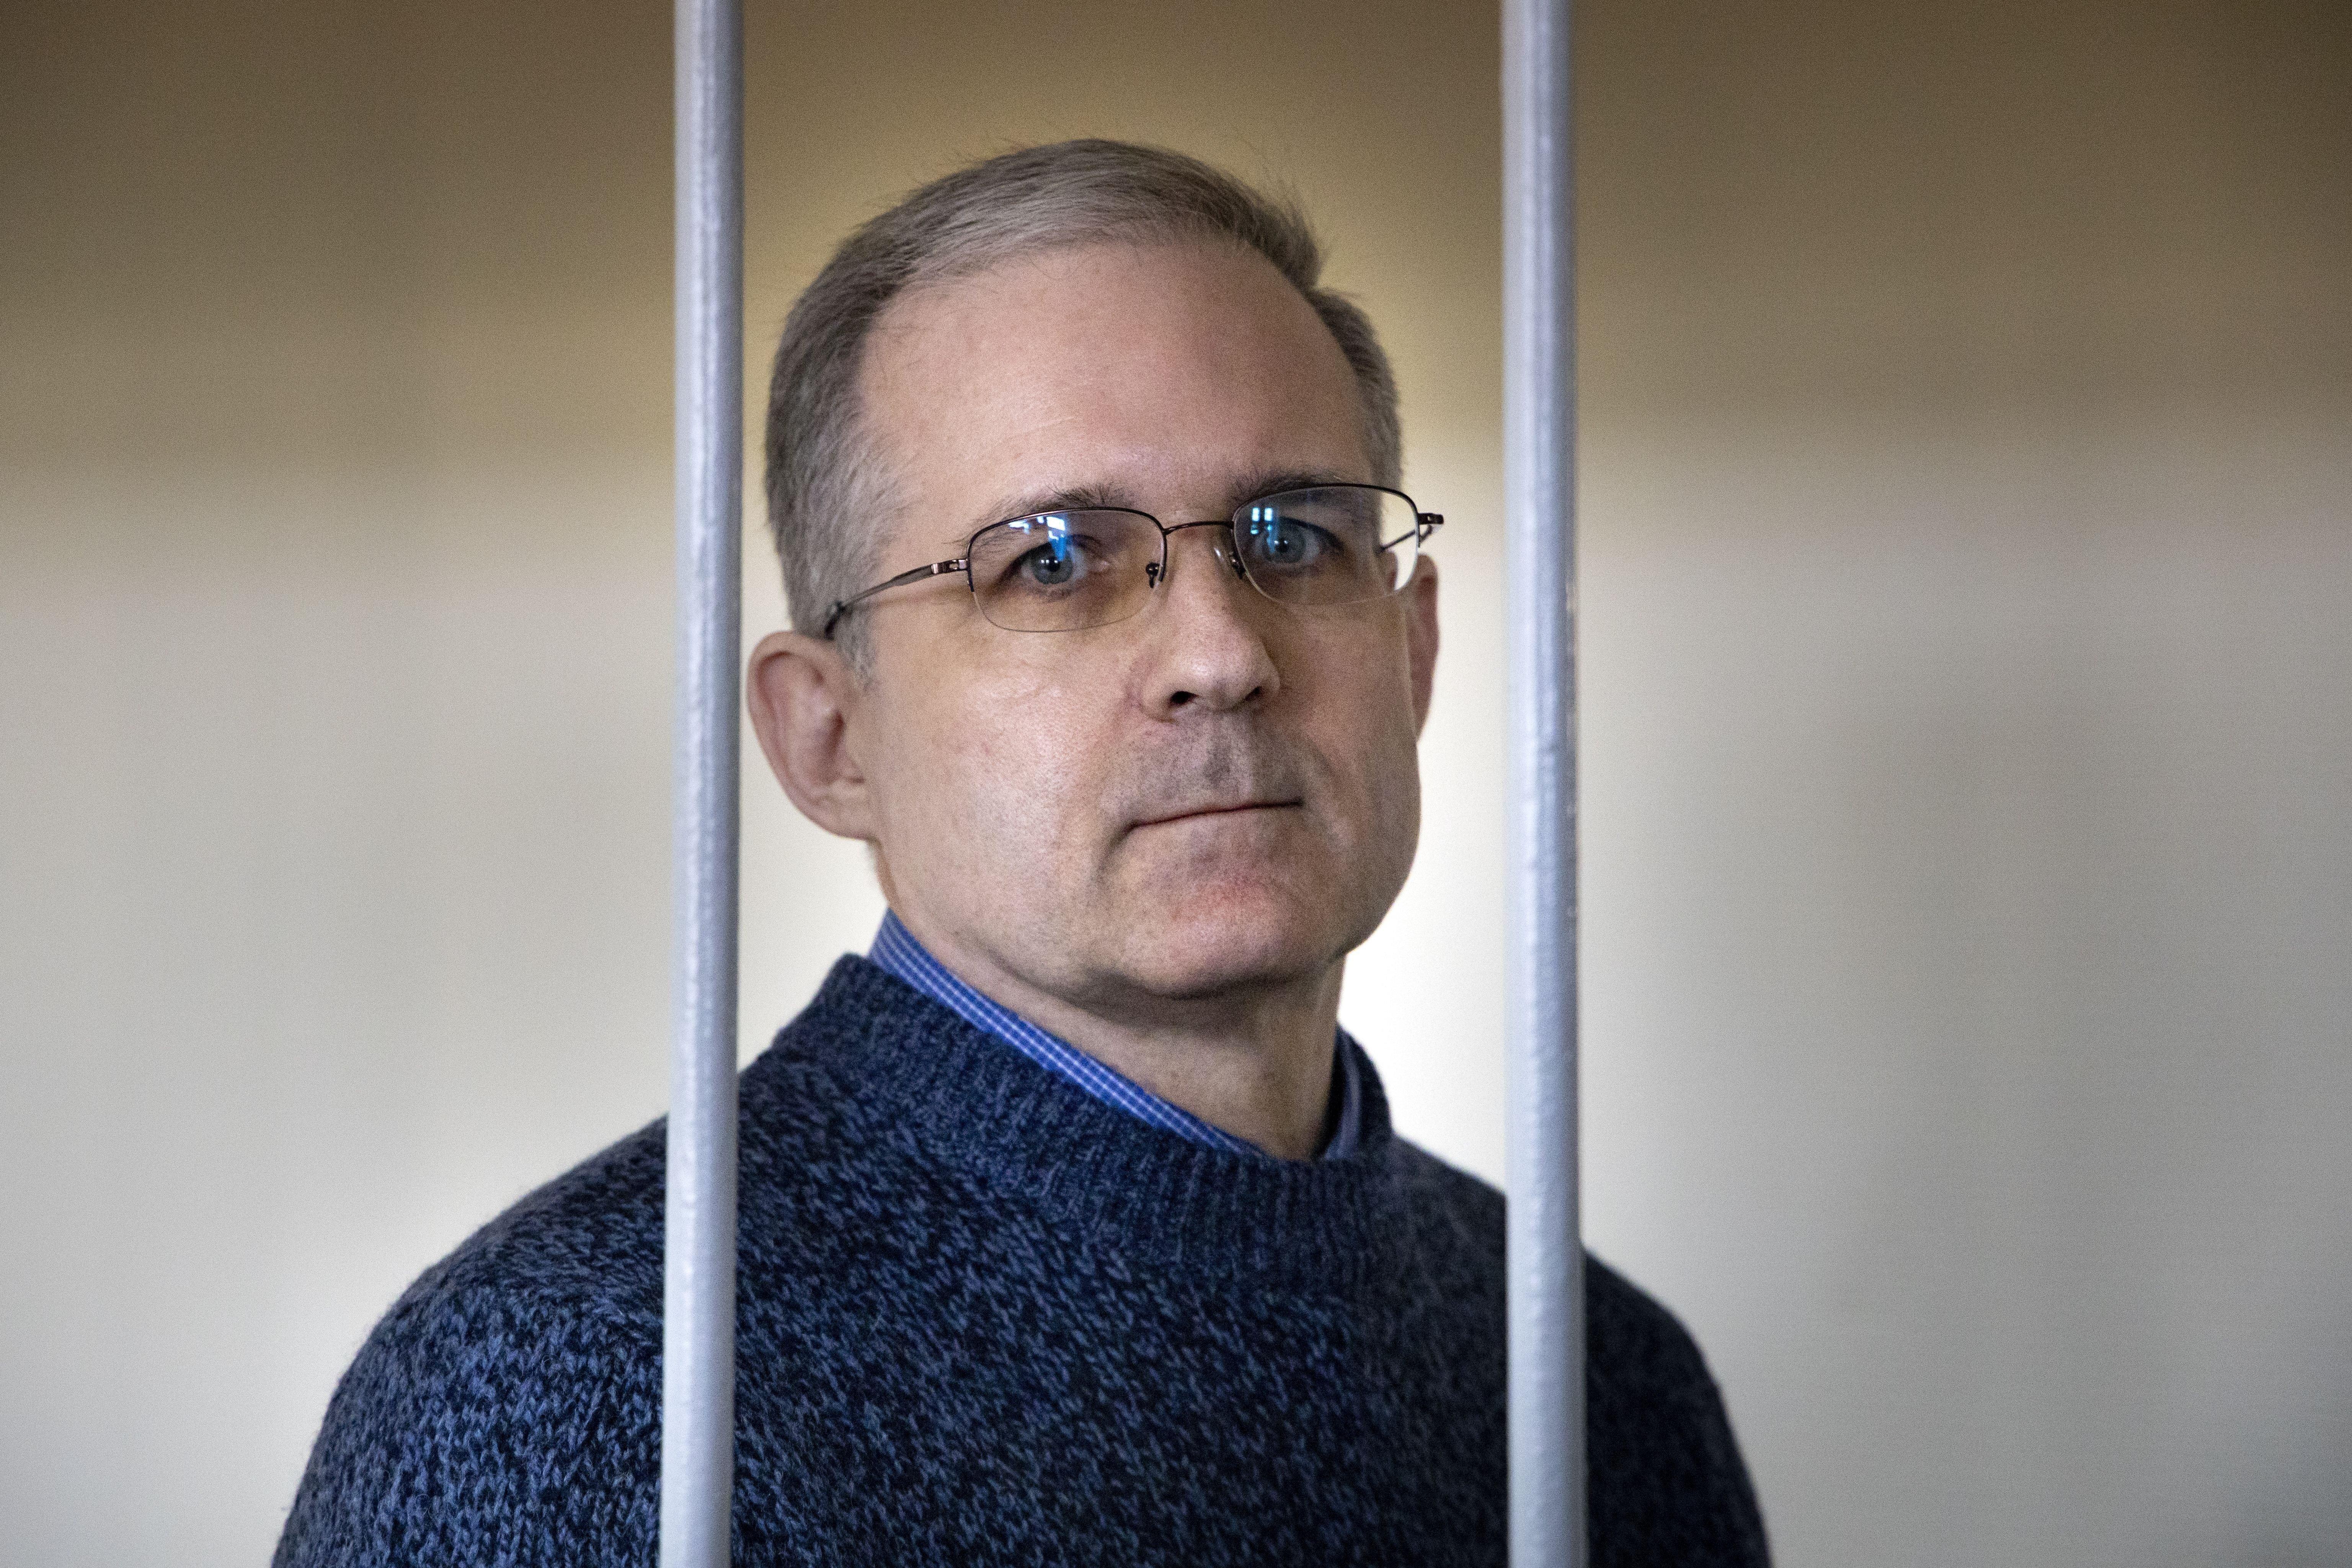 Se prefigurează o nouă mişcare în relaţia SUA-Rusia. BBC: Un schimb de prizonieri ar putea fi discutat de Putin şi Biden la Geneva